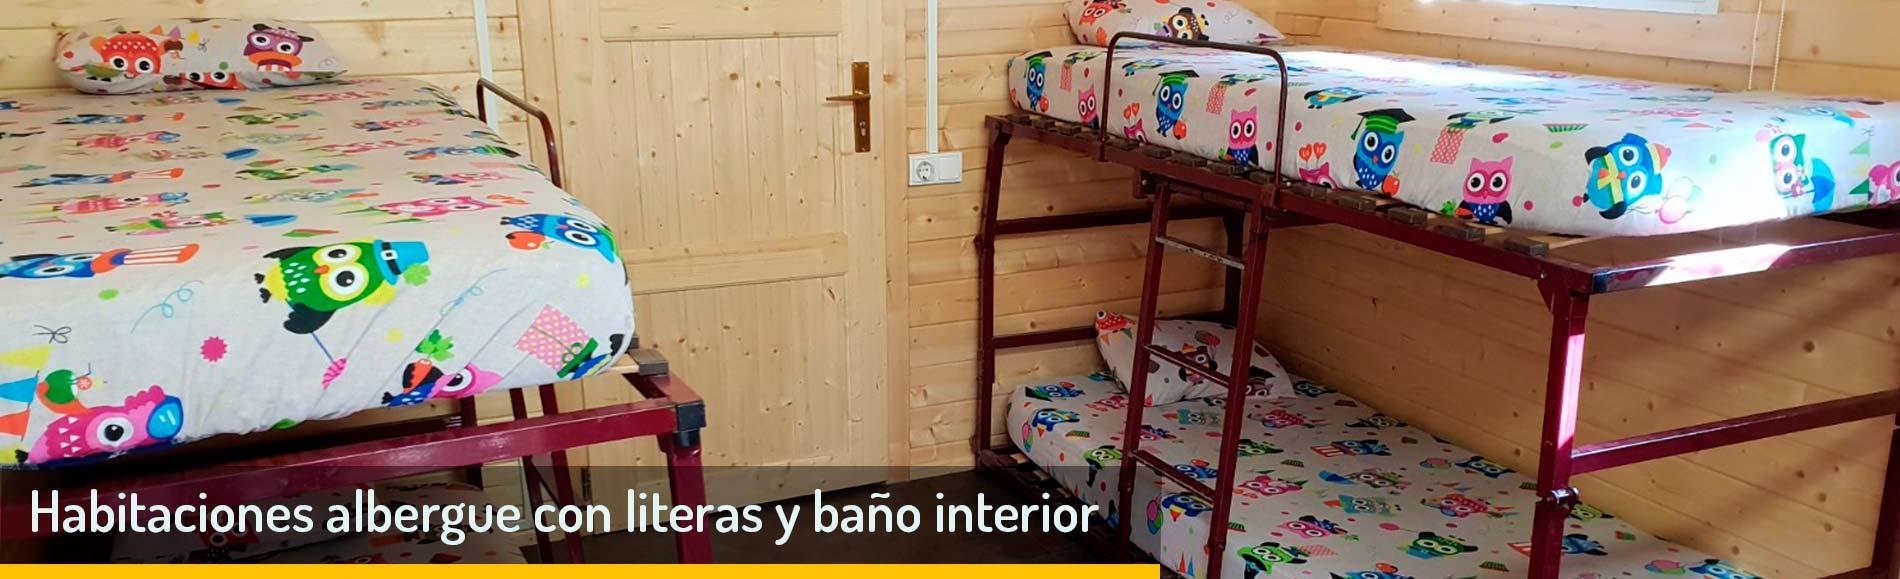 habitaciones-albergue-talayuelas2